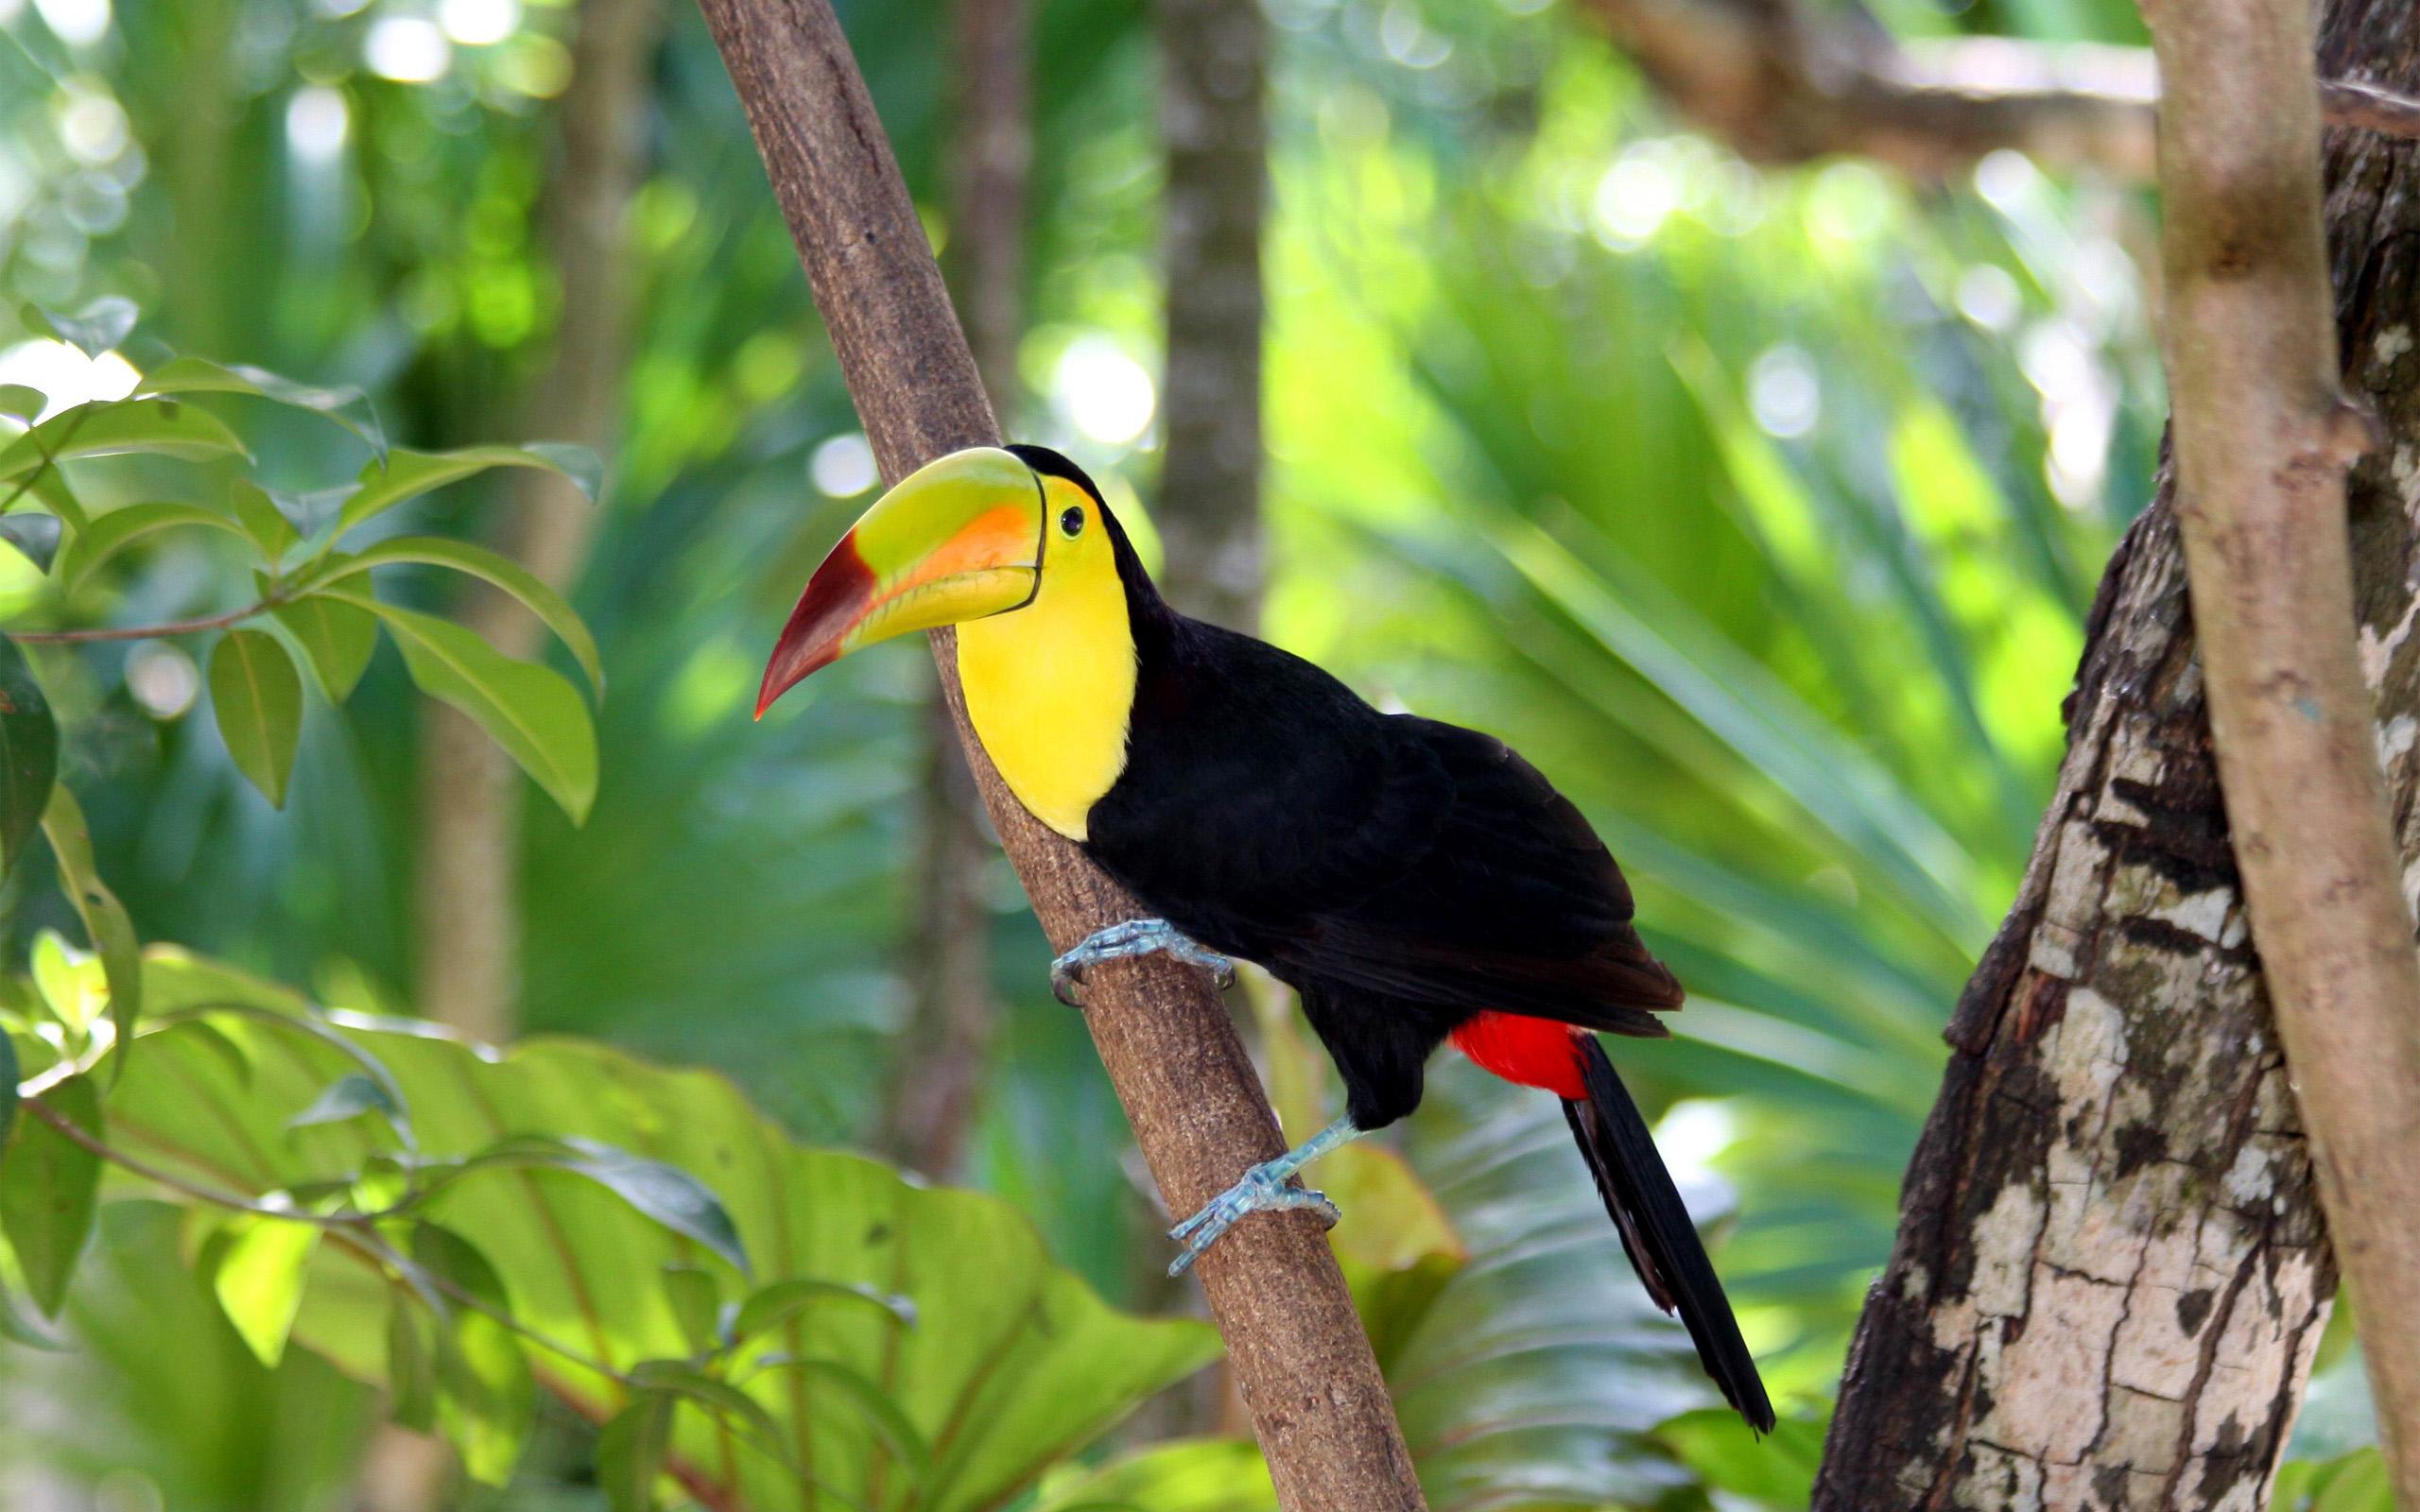 bird wallpapers birds tropical images desctopwalls 2560x1600